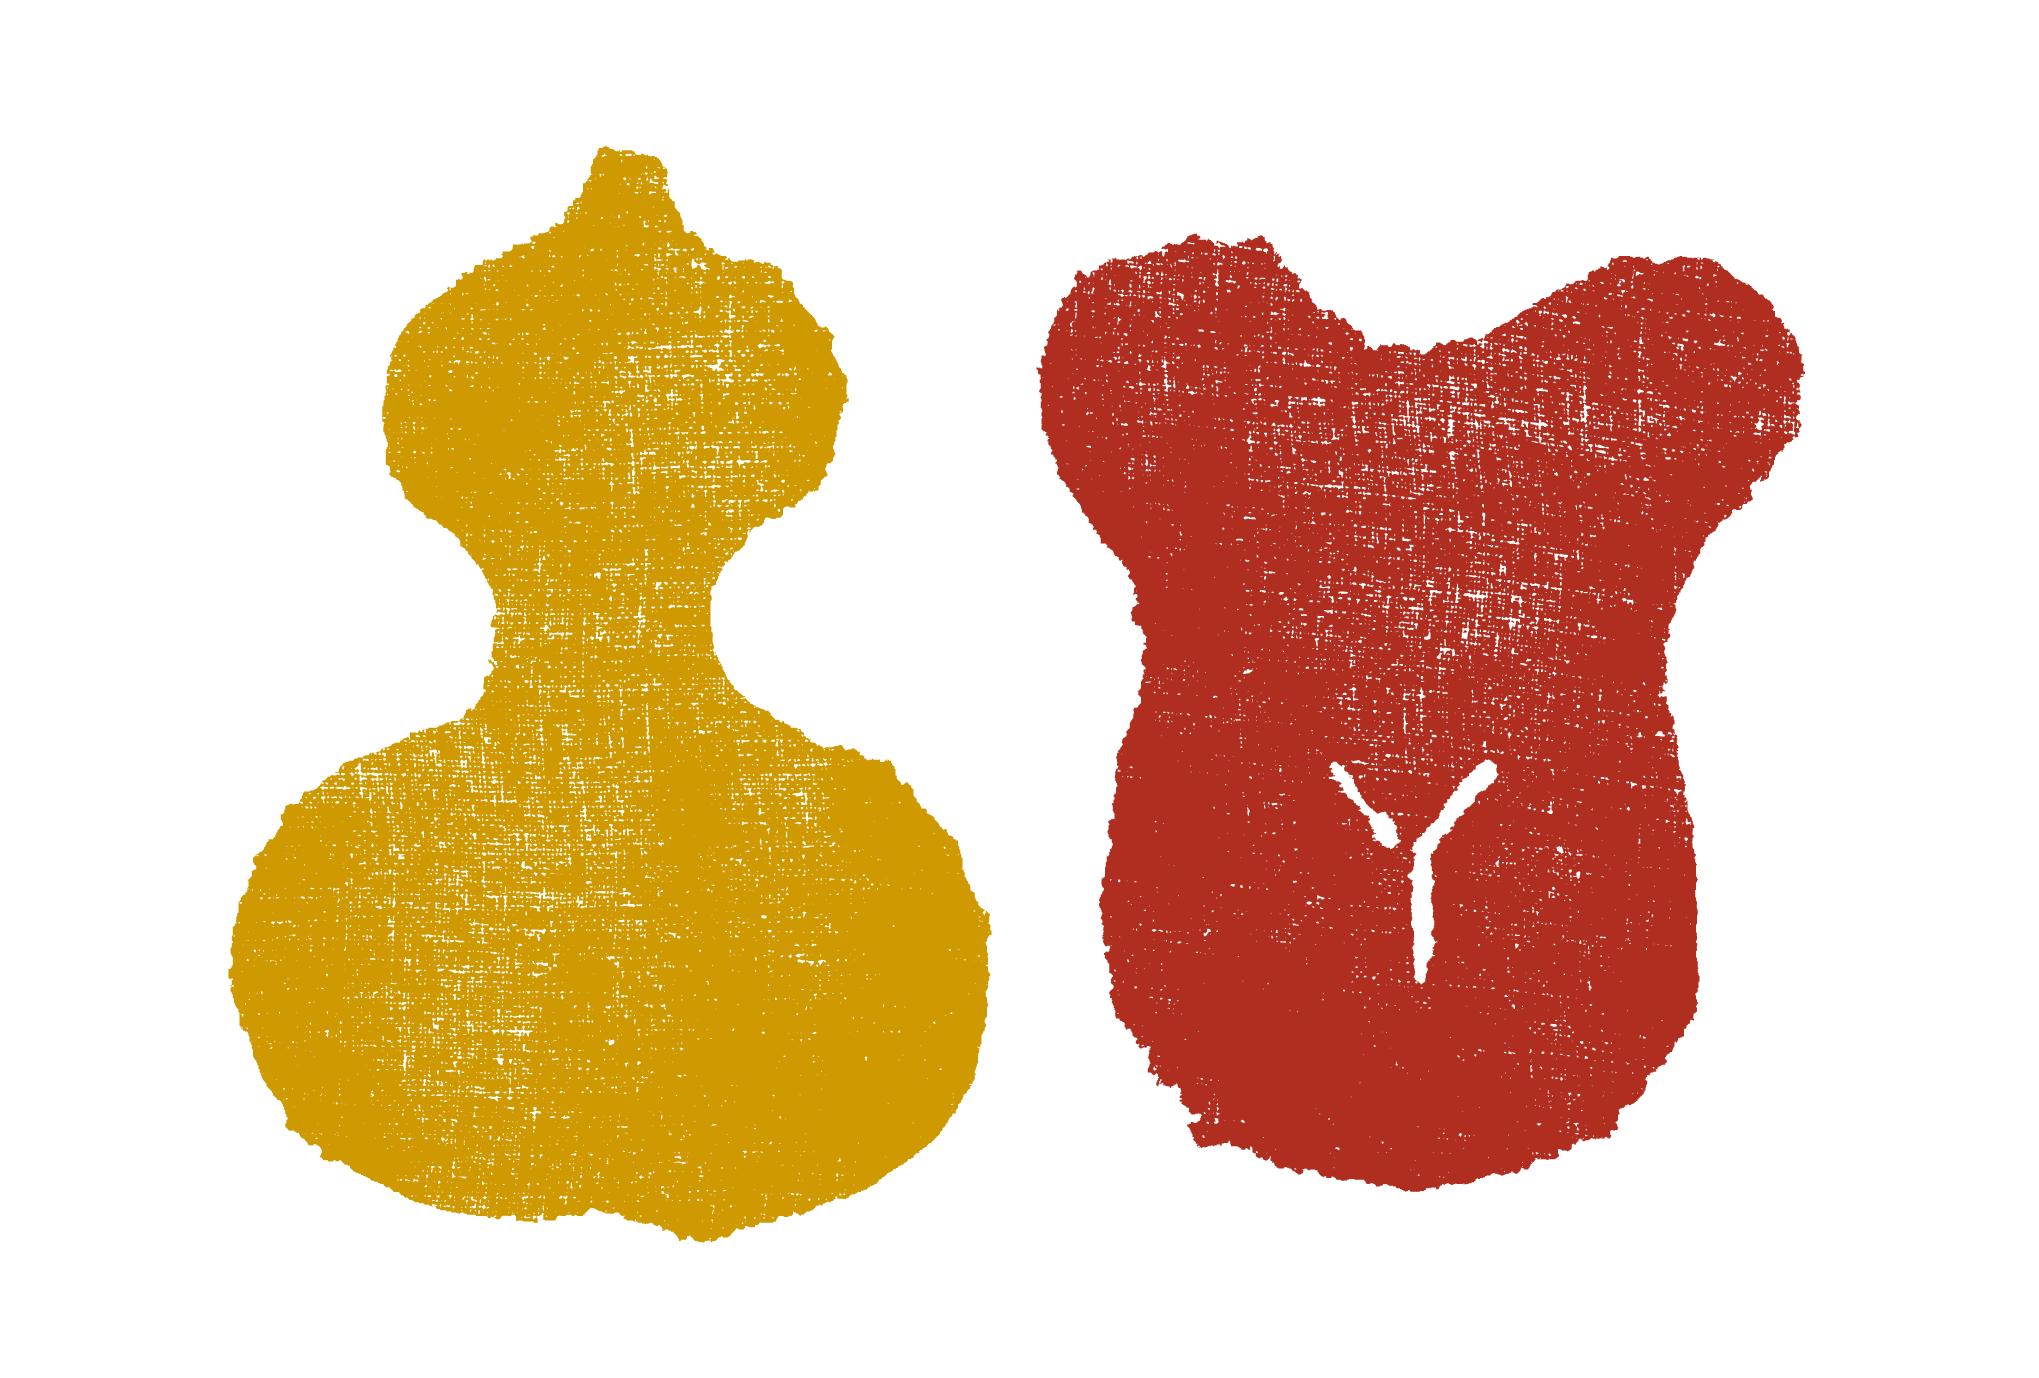 2016年賀状19-1:赤猿と金瓢箪 / 横のダウンロード画像